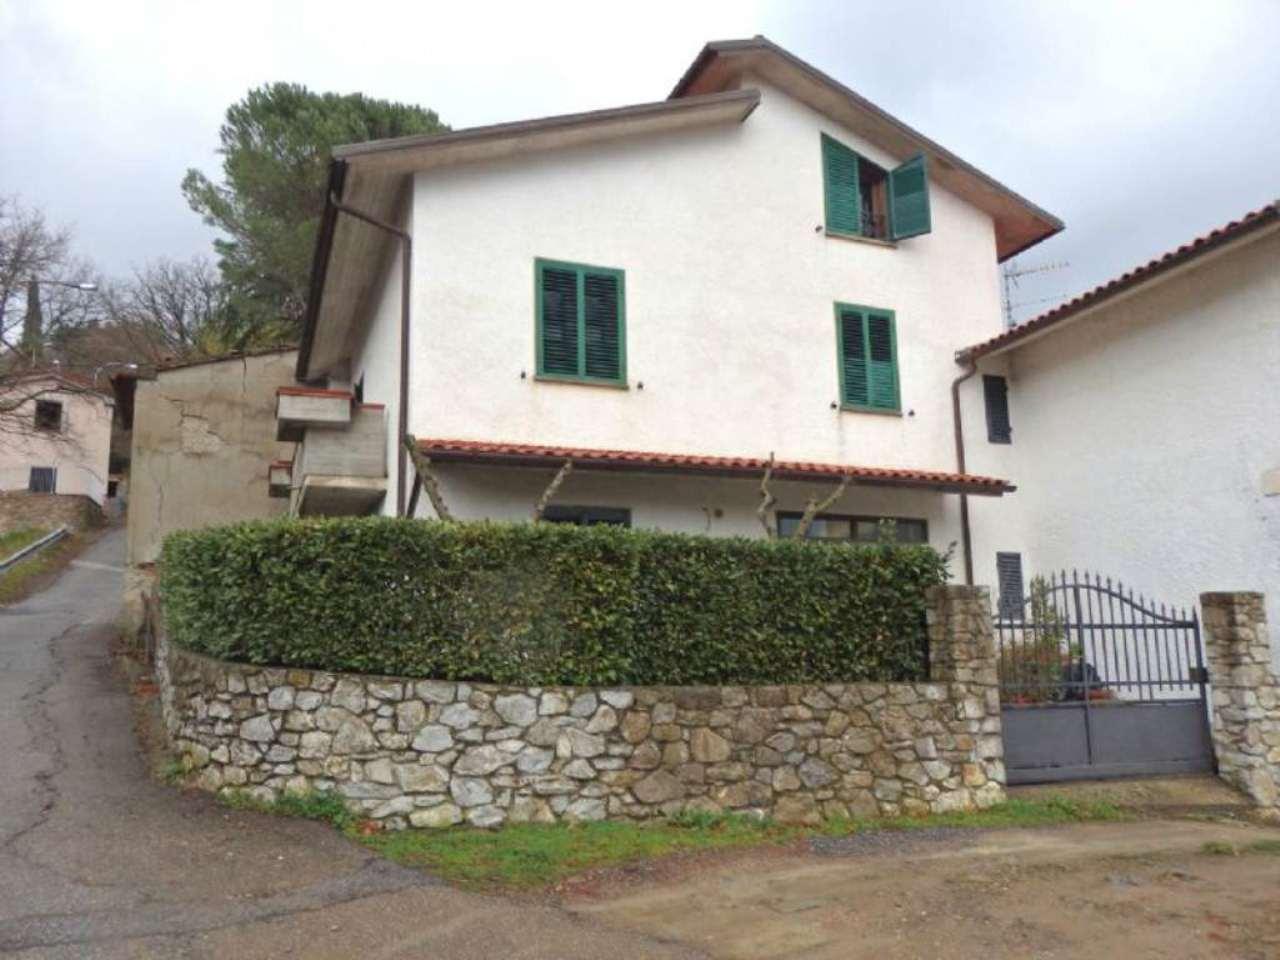 Soluzione Indipendente in vendita a Vernio, 5 locali, prezzo € 195.000 | Cambio Casa.it